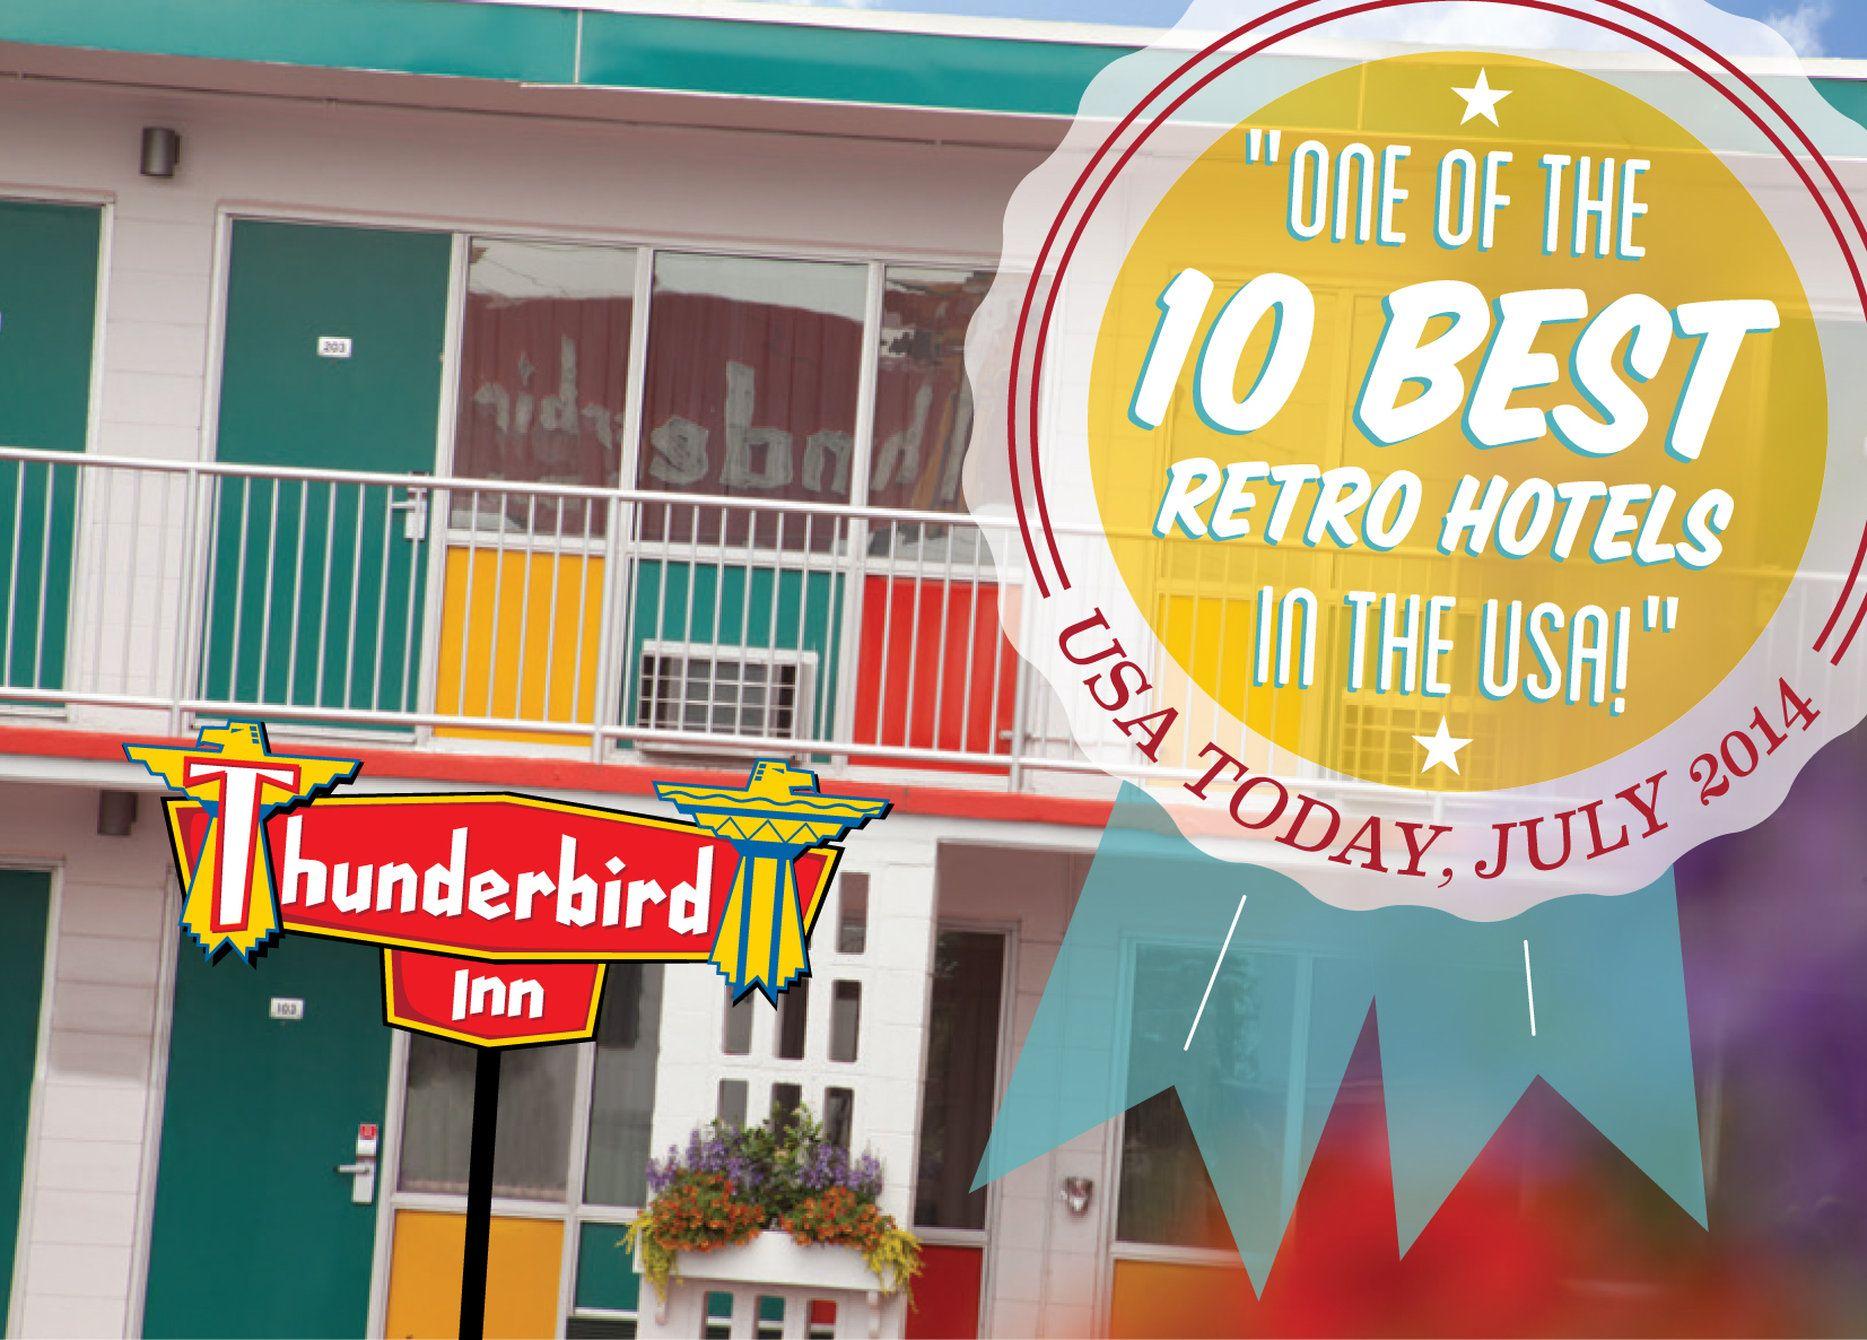 Thunderbird Inn, Savannah, The dream of the '60s